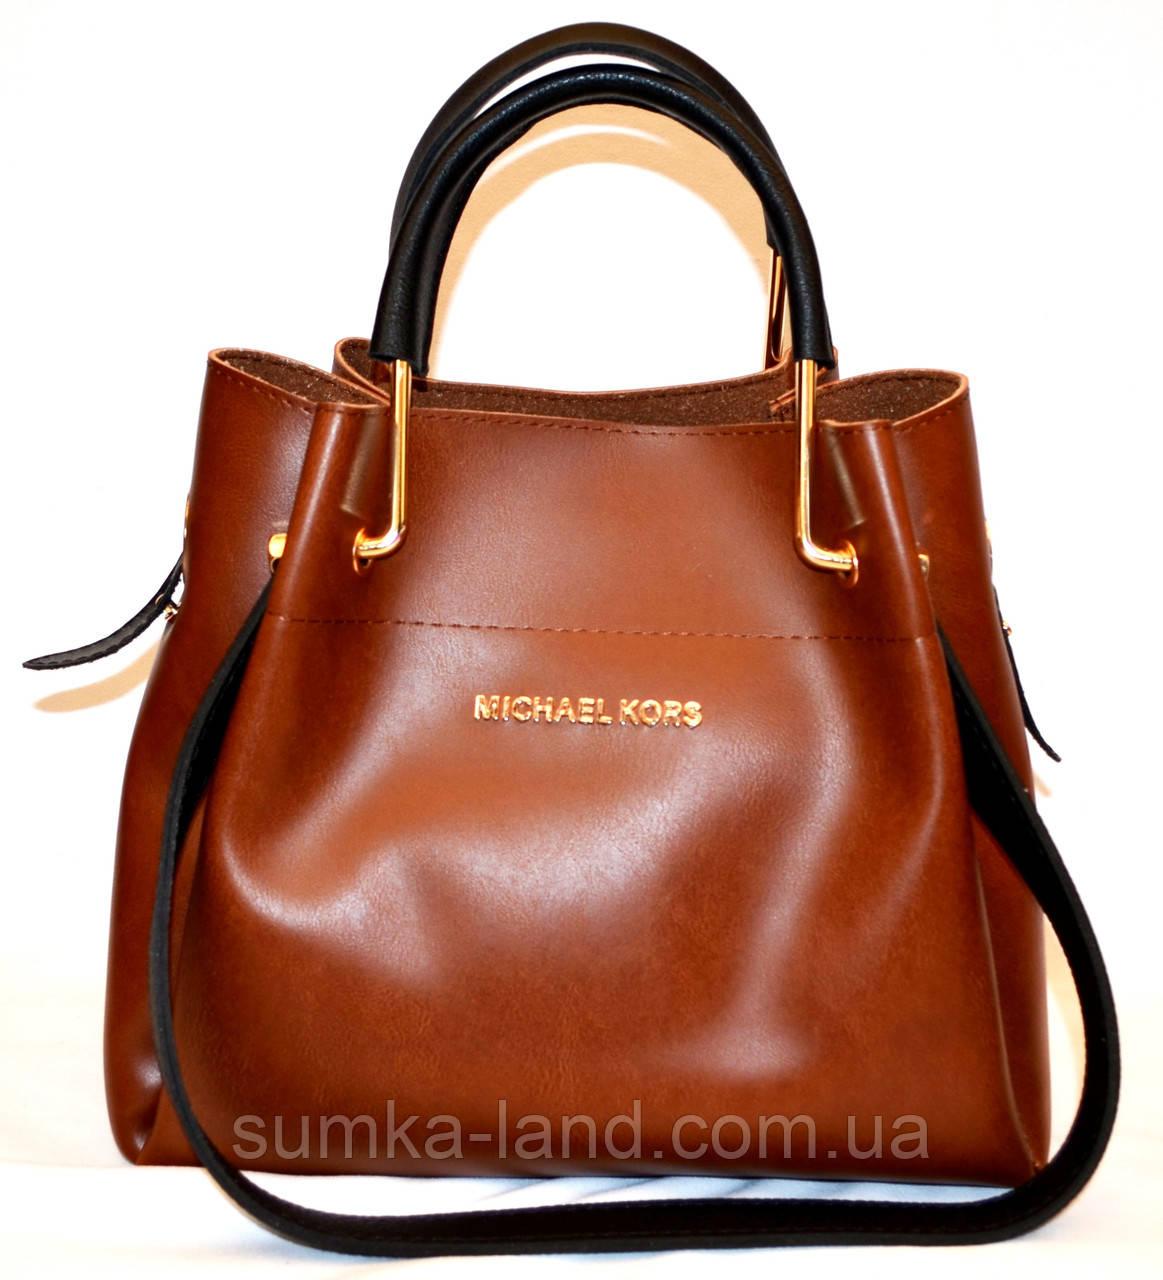 ae3afc99d798 Женская элитная сумка коричневая гладкая с черными ручками 28*26 ...